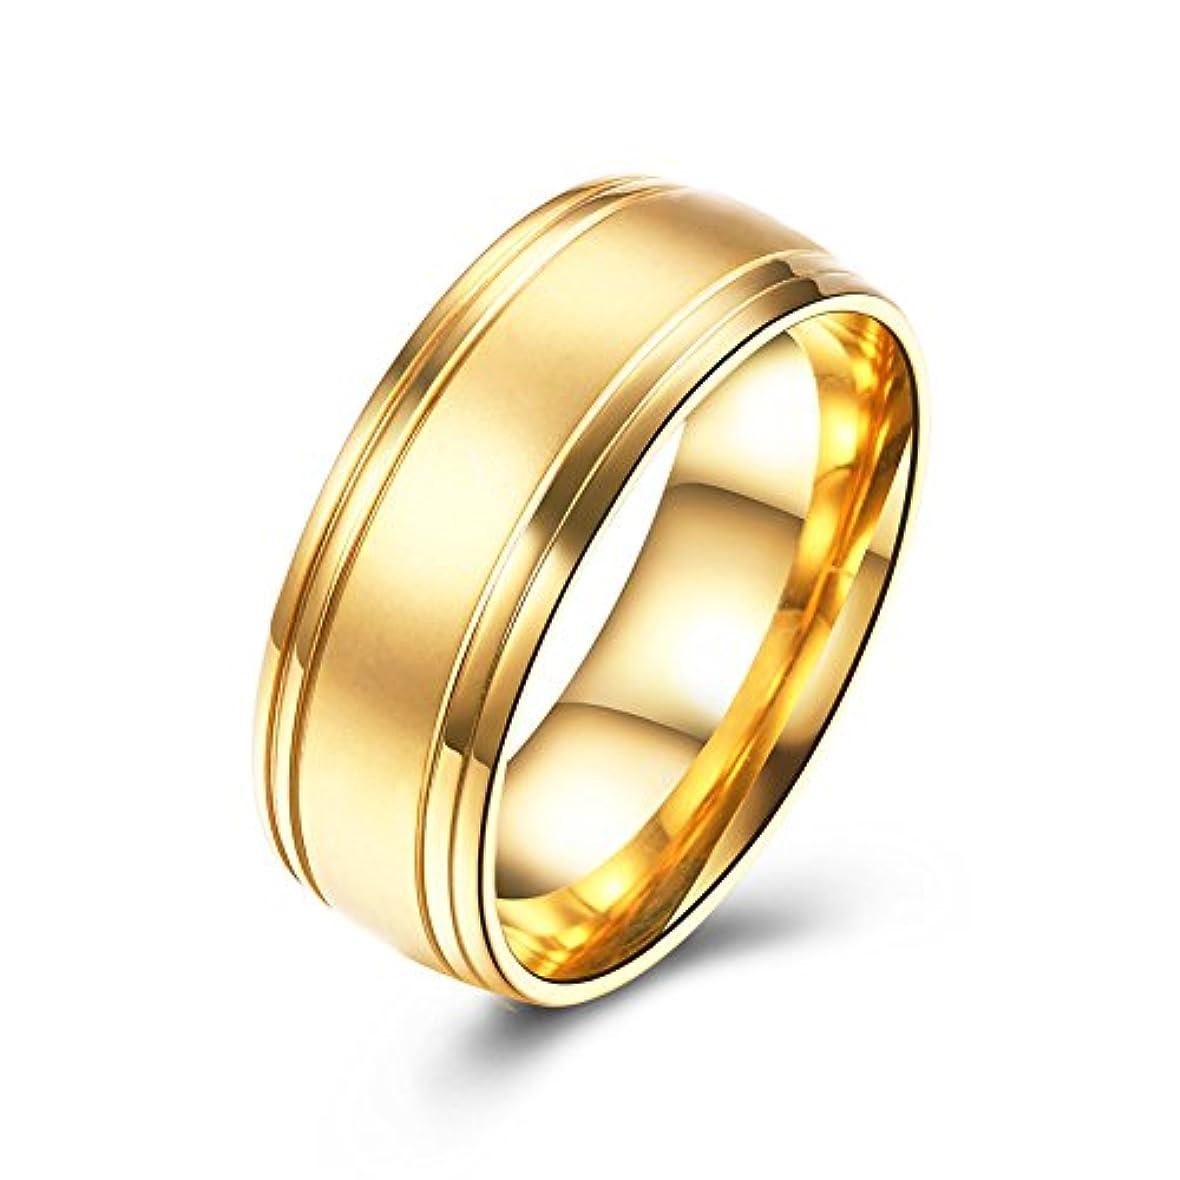 ポーター前書き有効化流行アクセサリー バレンタインデーのカップルの指輪 ステンレススタンダードリング アレルギーを防ぐ 色あせない